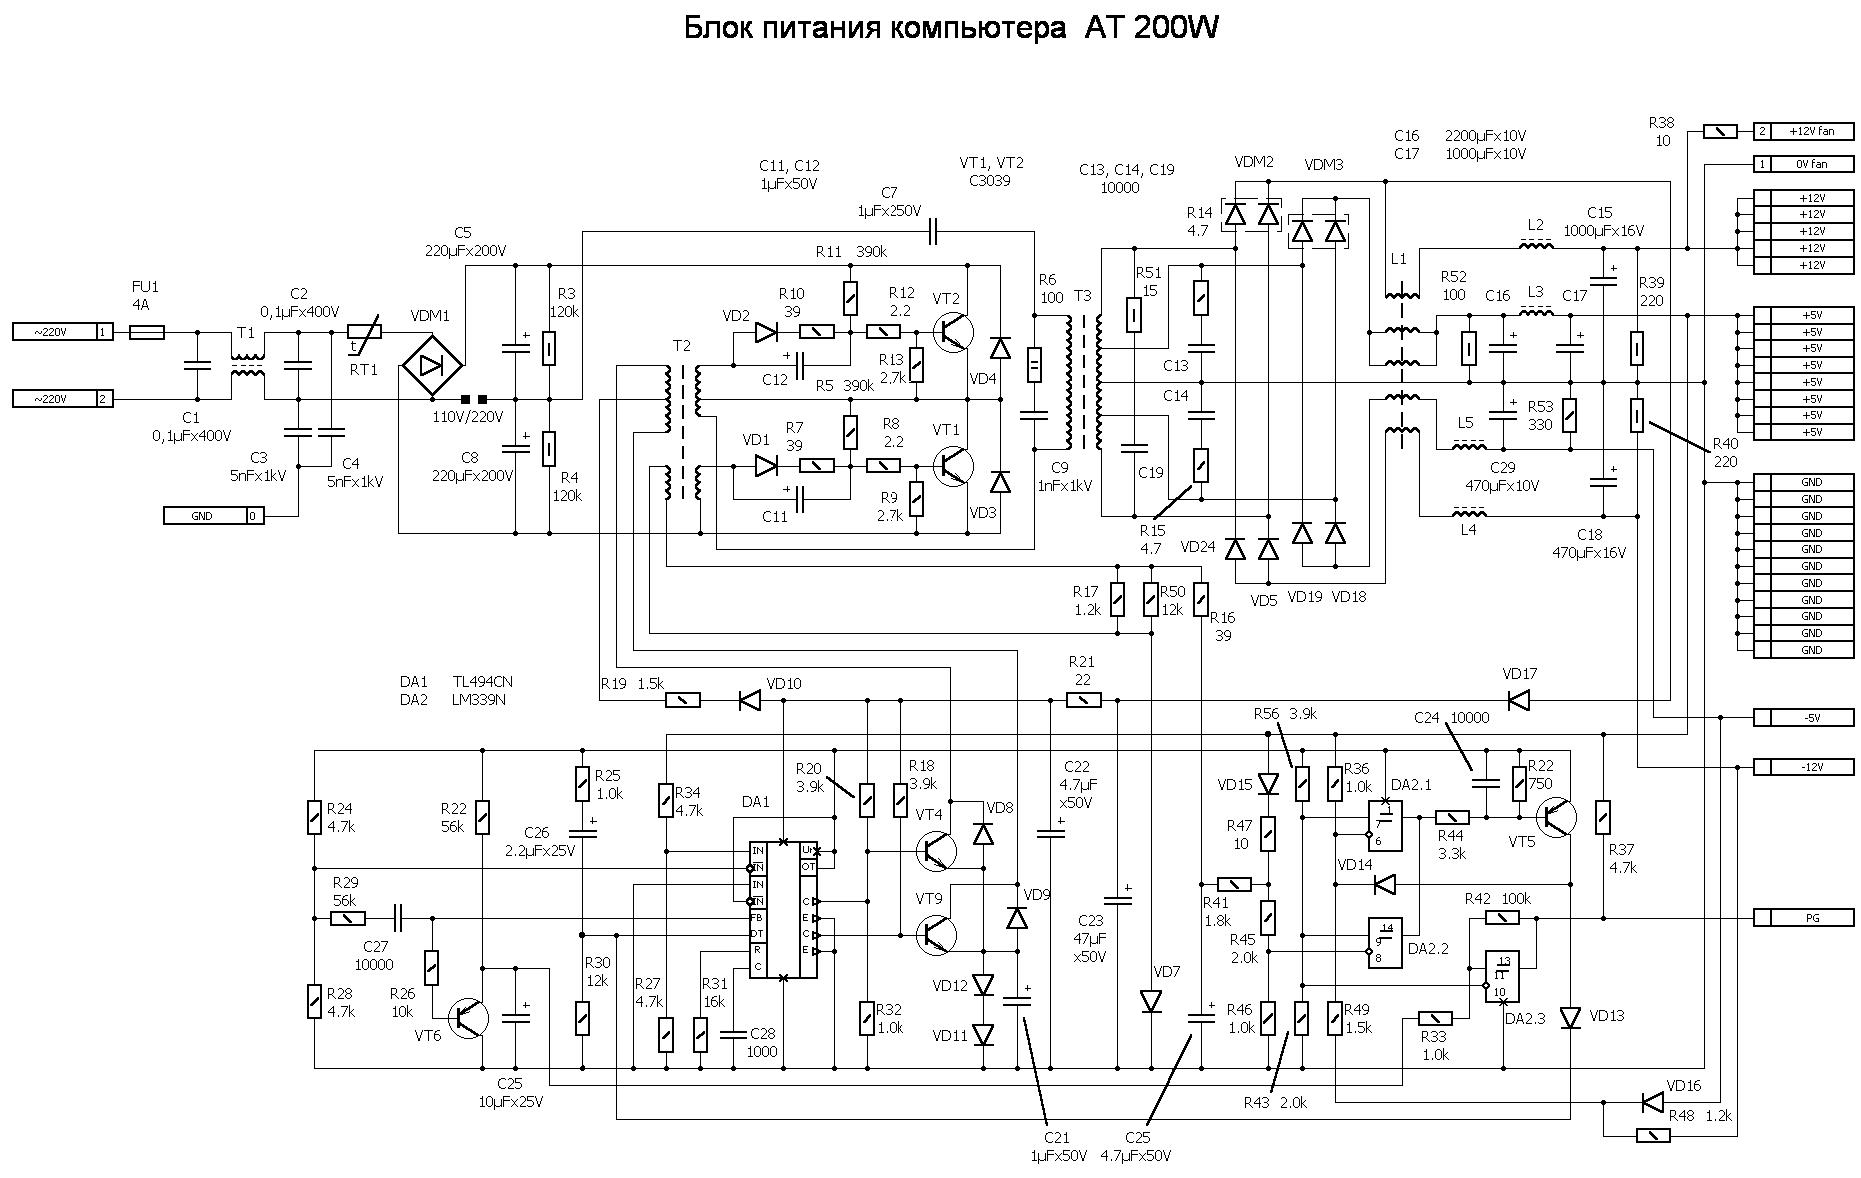 Блоки питания PC - Принципиальные схемы БП AT/ATX. .